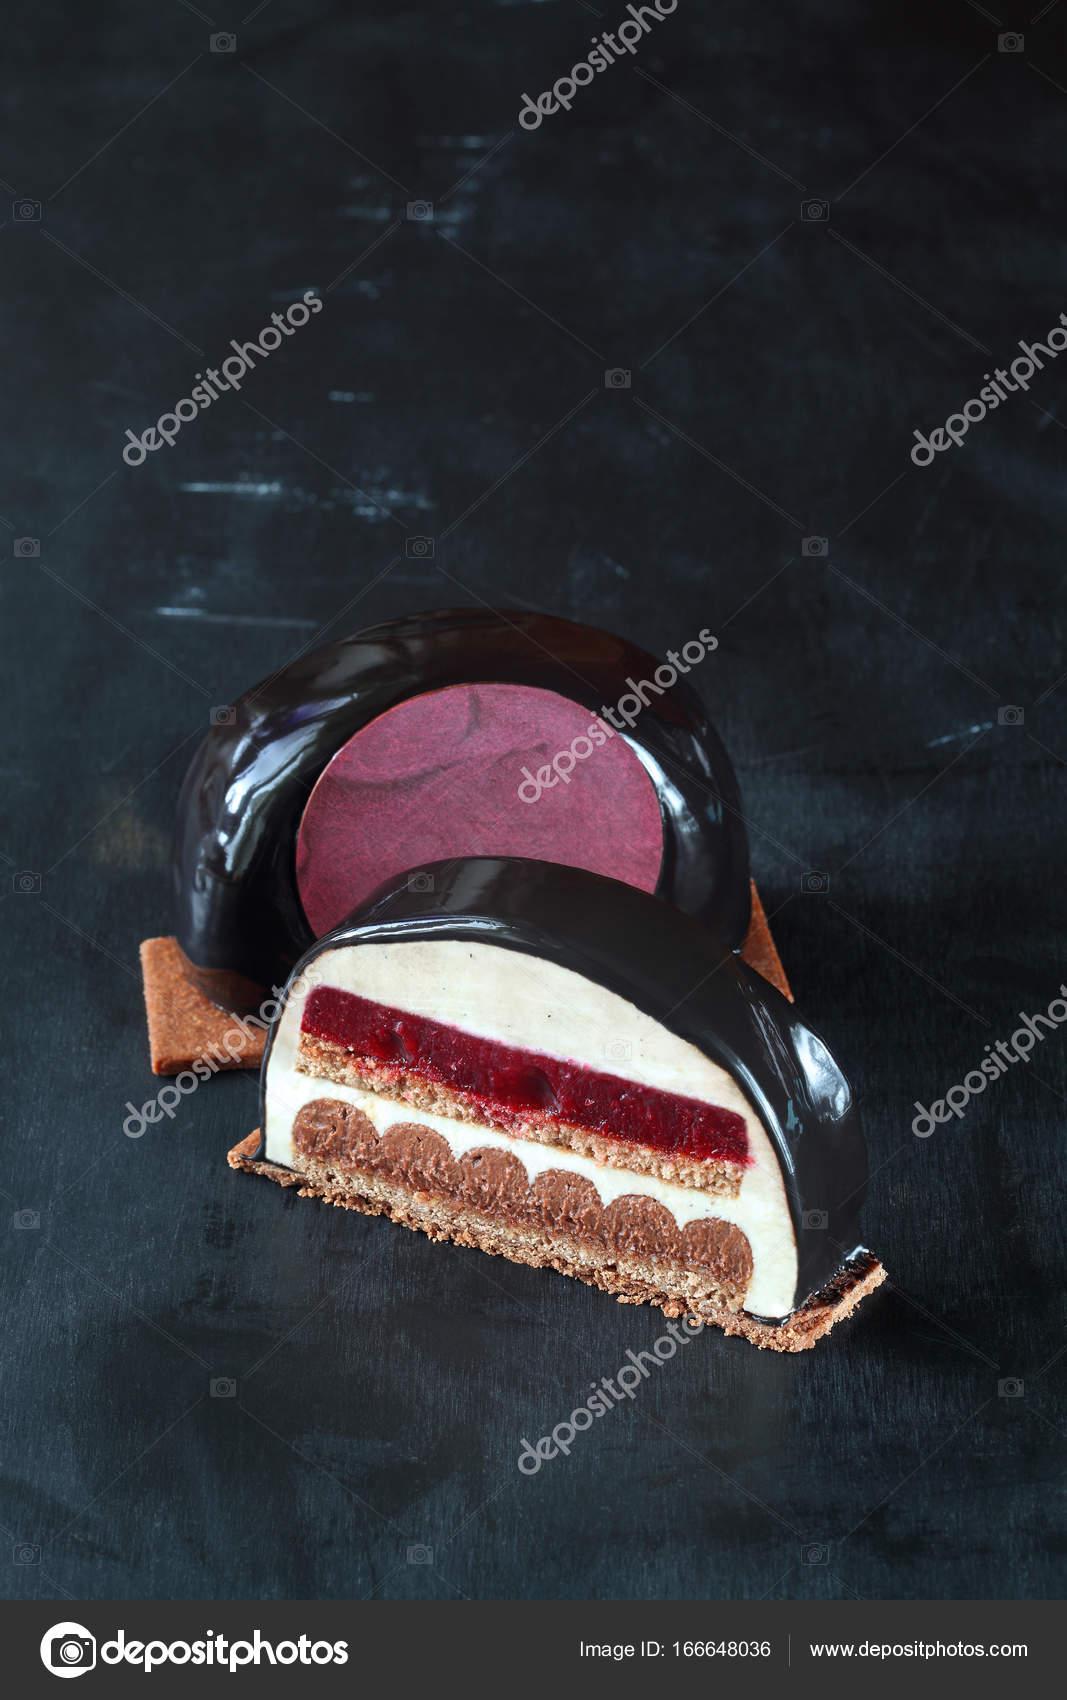 Zeitgenössische Kirsche Schokoladenmousse Kuchen — Stockfoto © Miuda ...